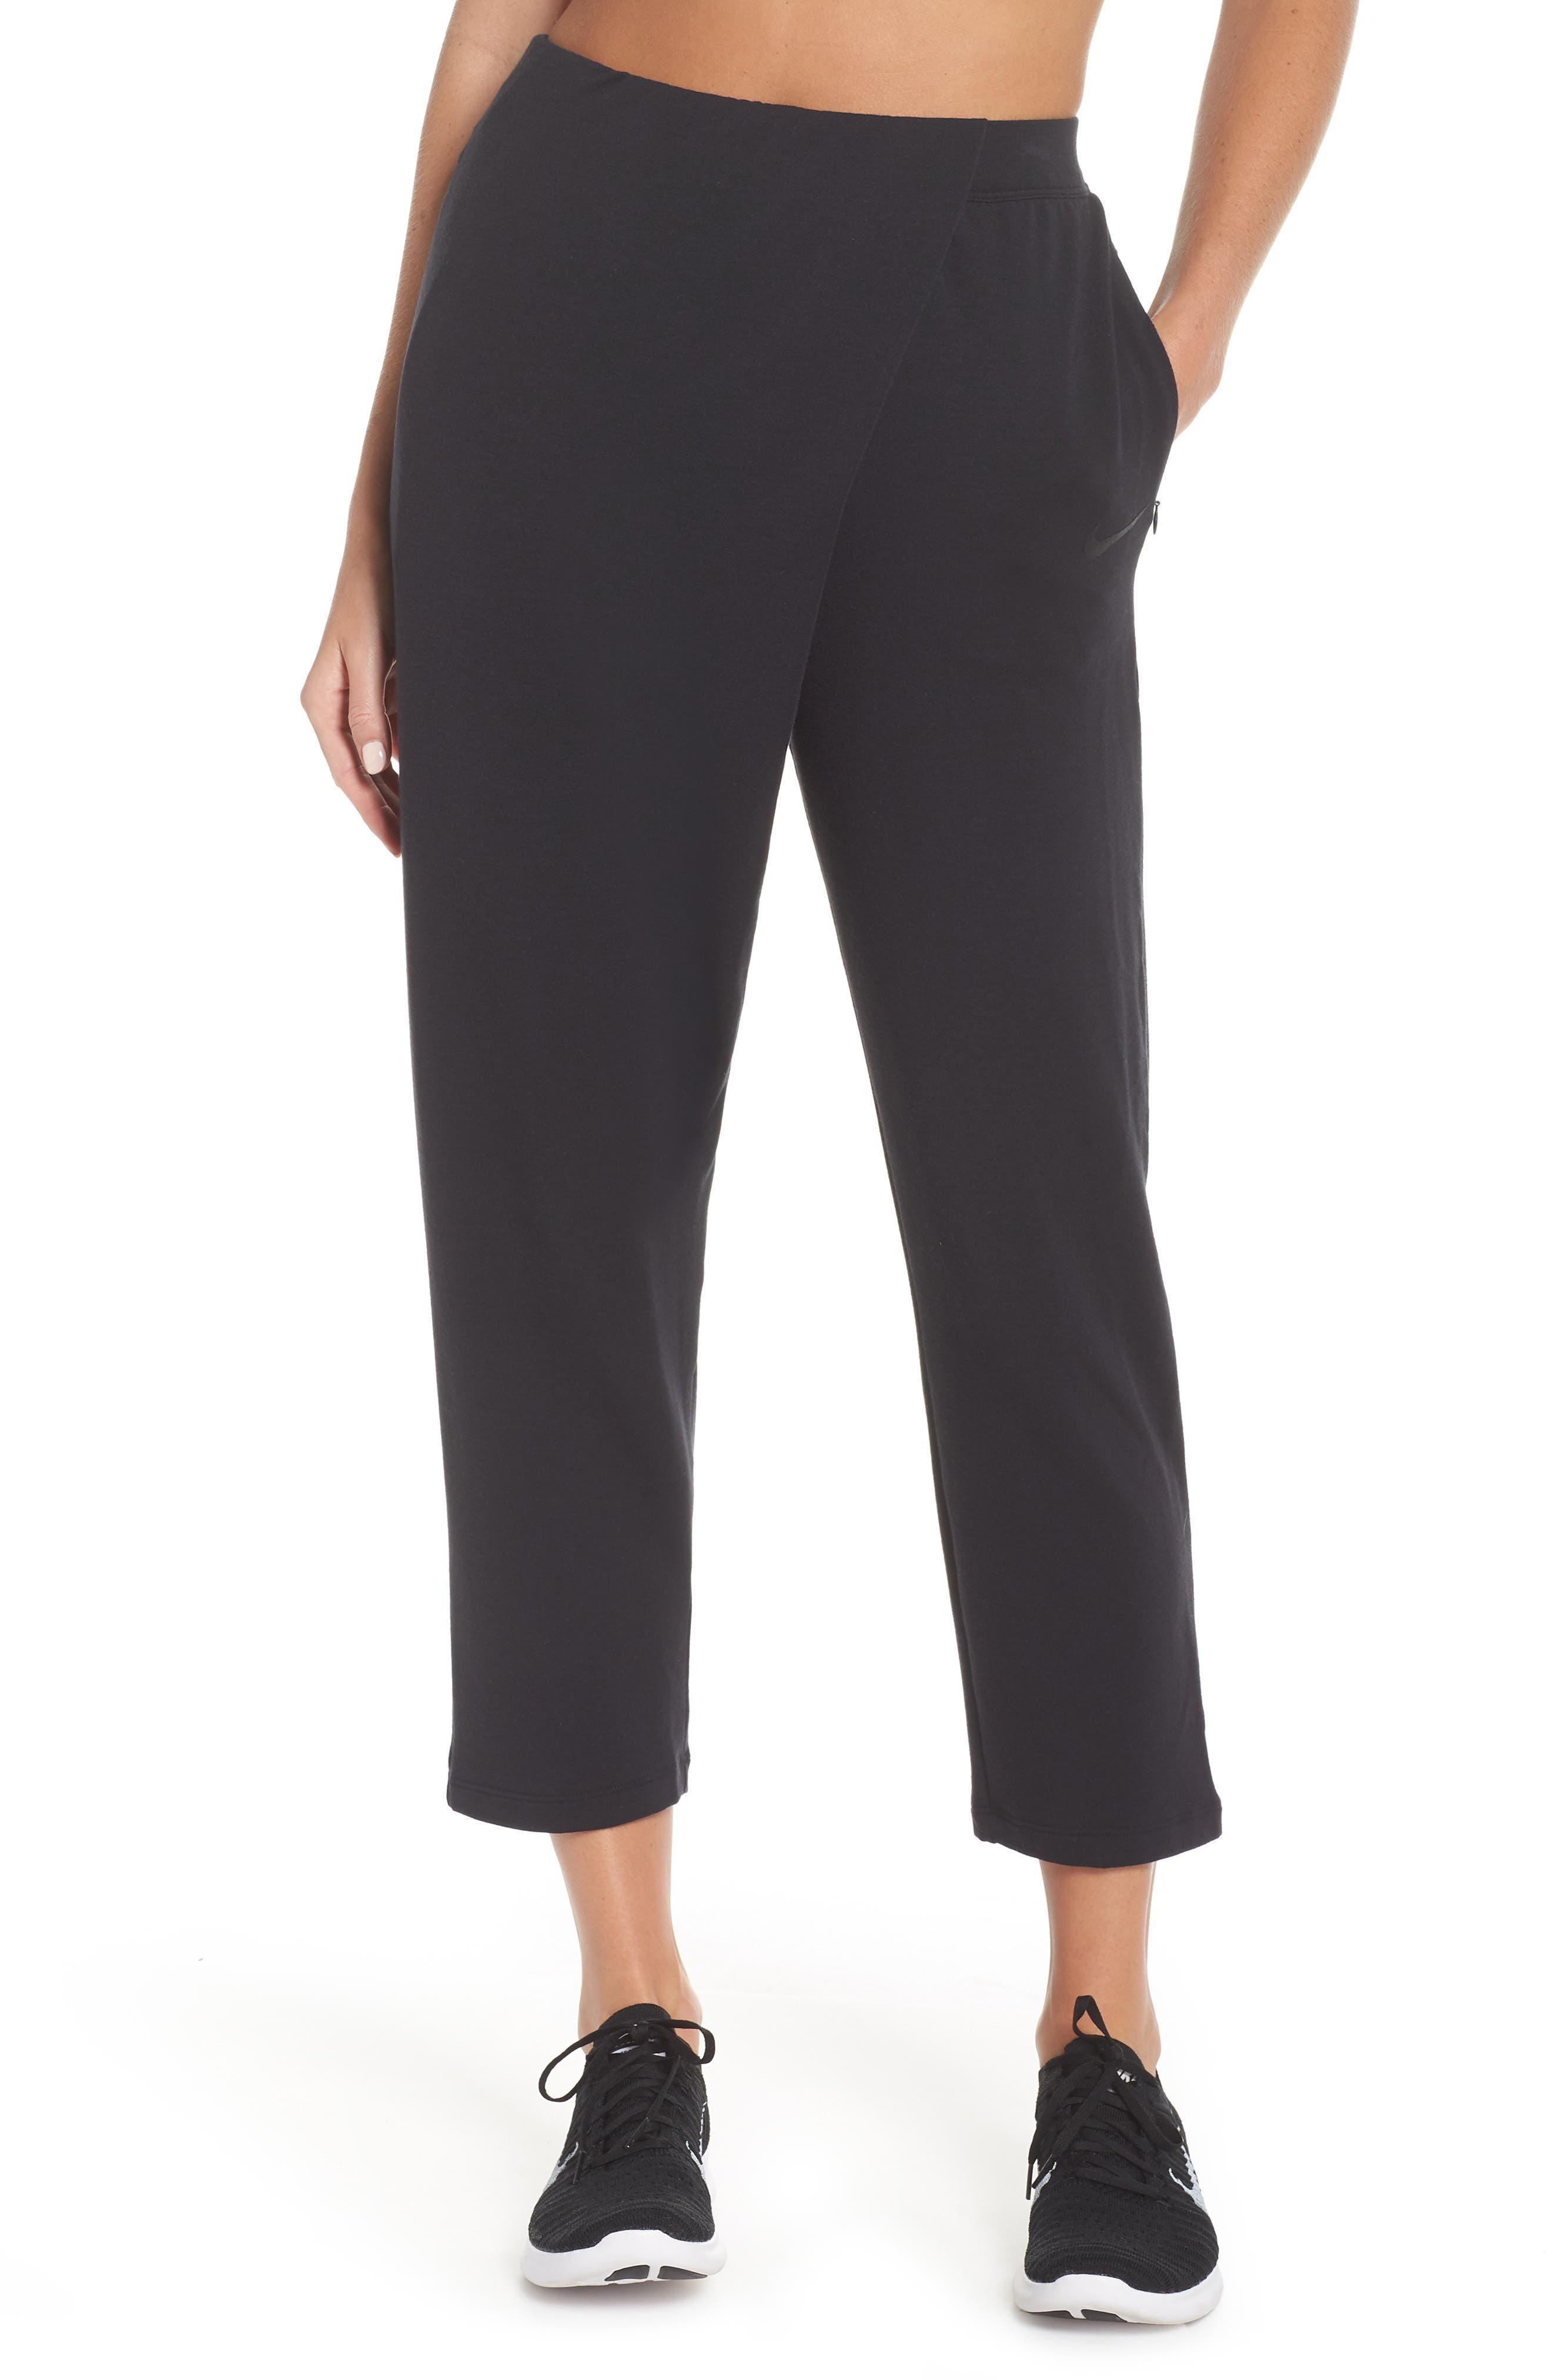 NIKE,                             Dry Studio Training Pants,                             Main thumbnail 1, color,                             BLACK/ BLACK